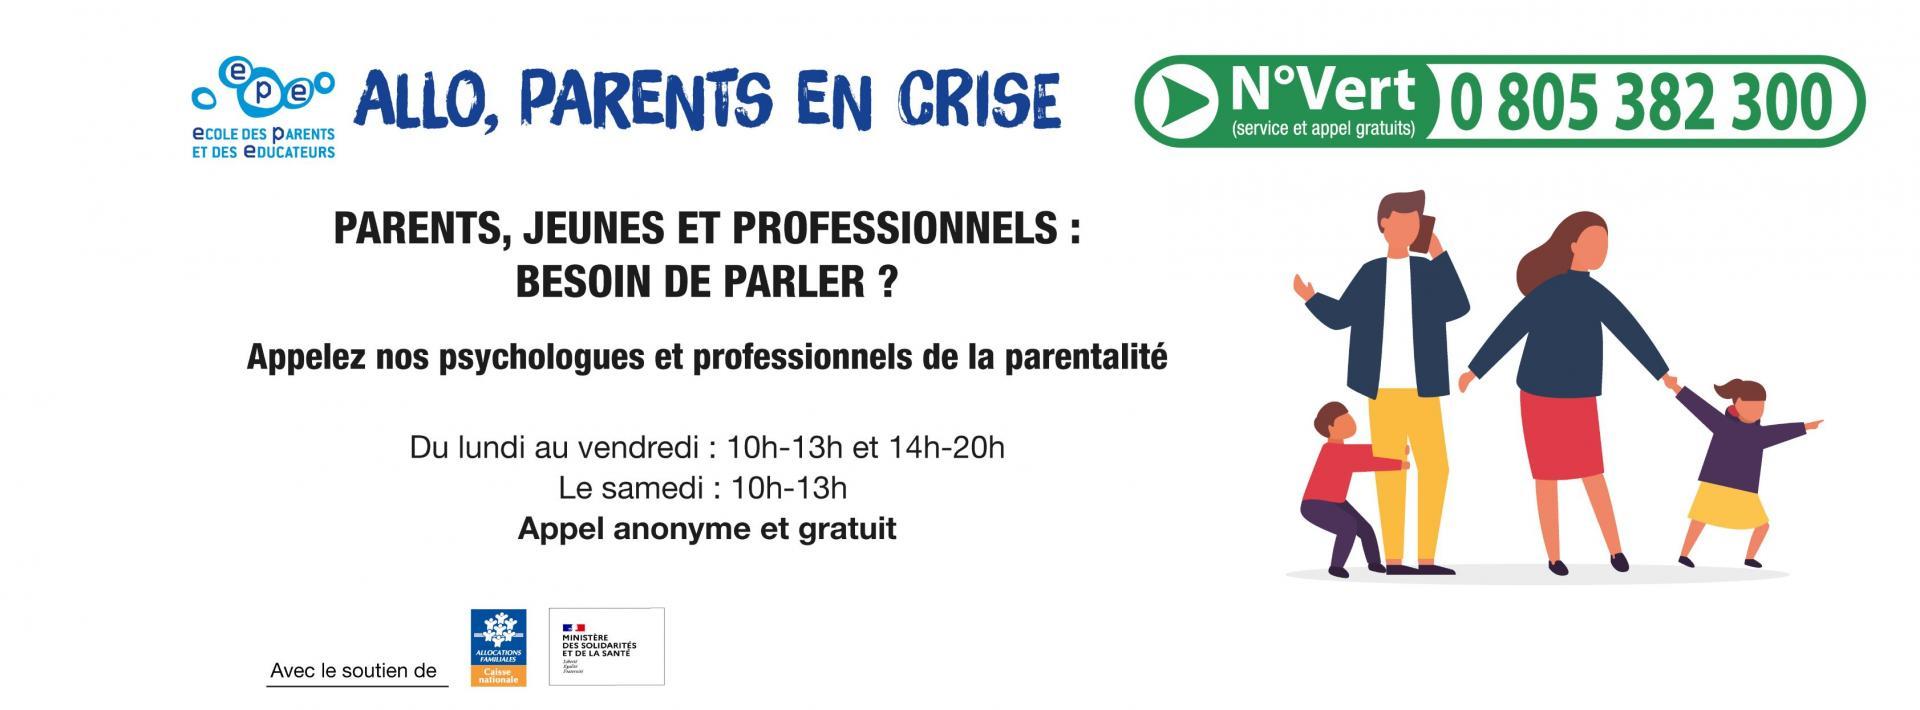 http://www.mairie-grandchamp78.fr/medias/images/allo-parents-en-crise.jpg